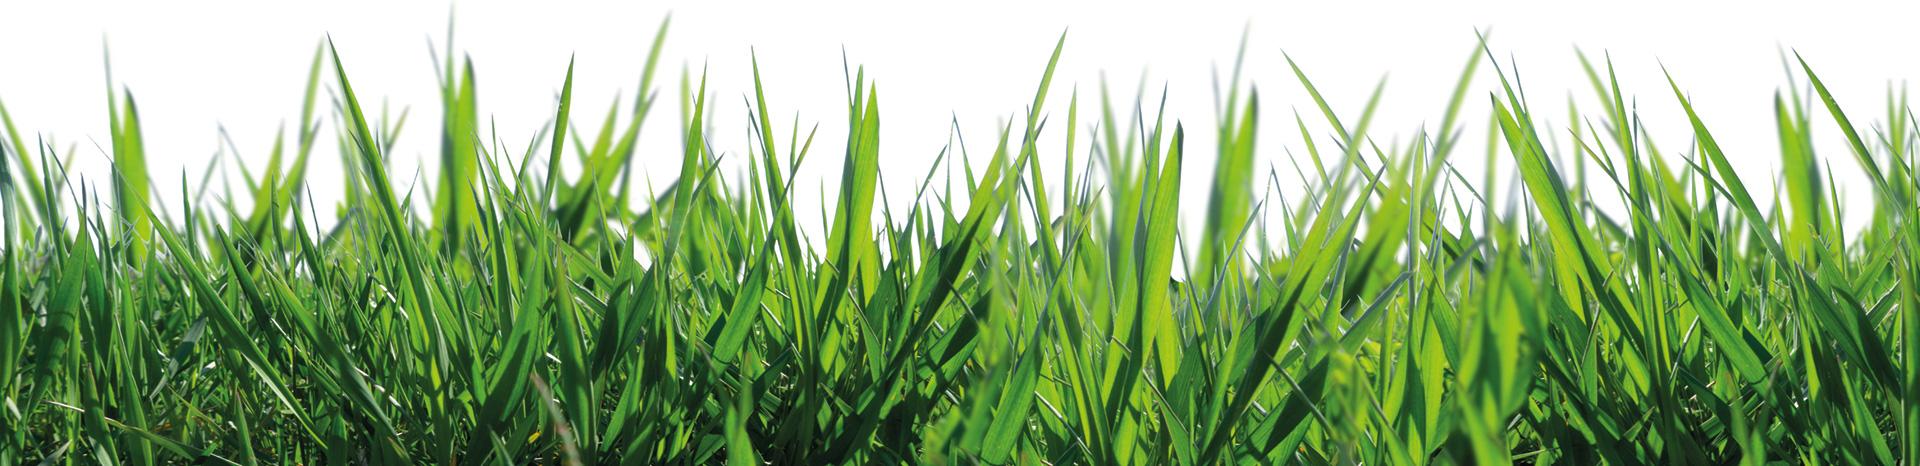 Cosack-Druck-Grasflaeche-Nachhaltigkeit